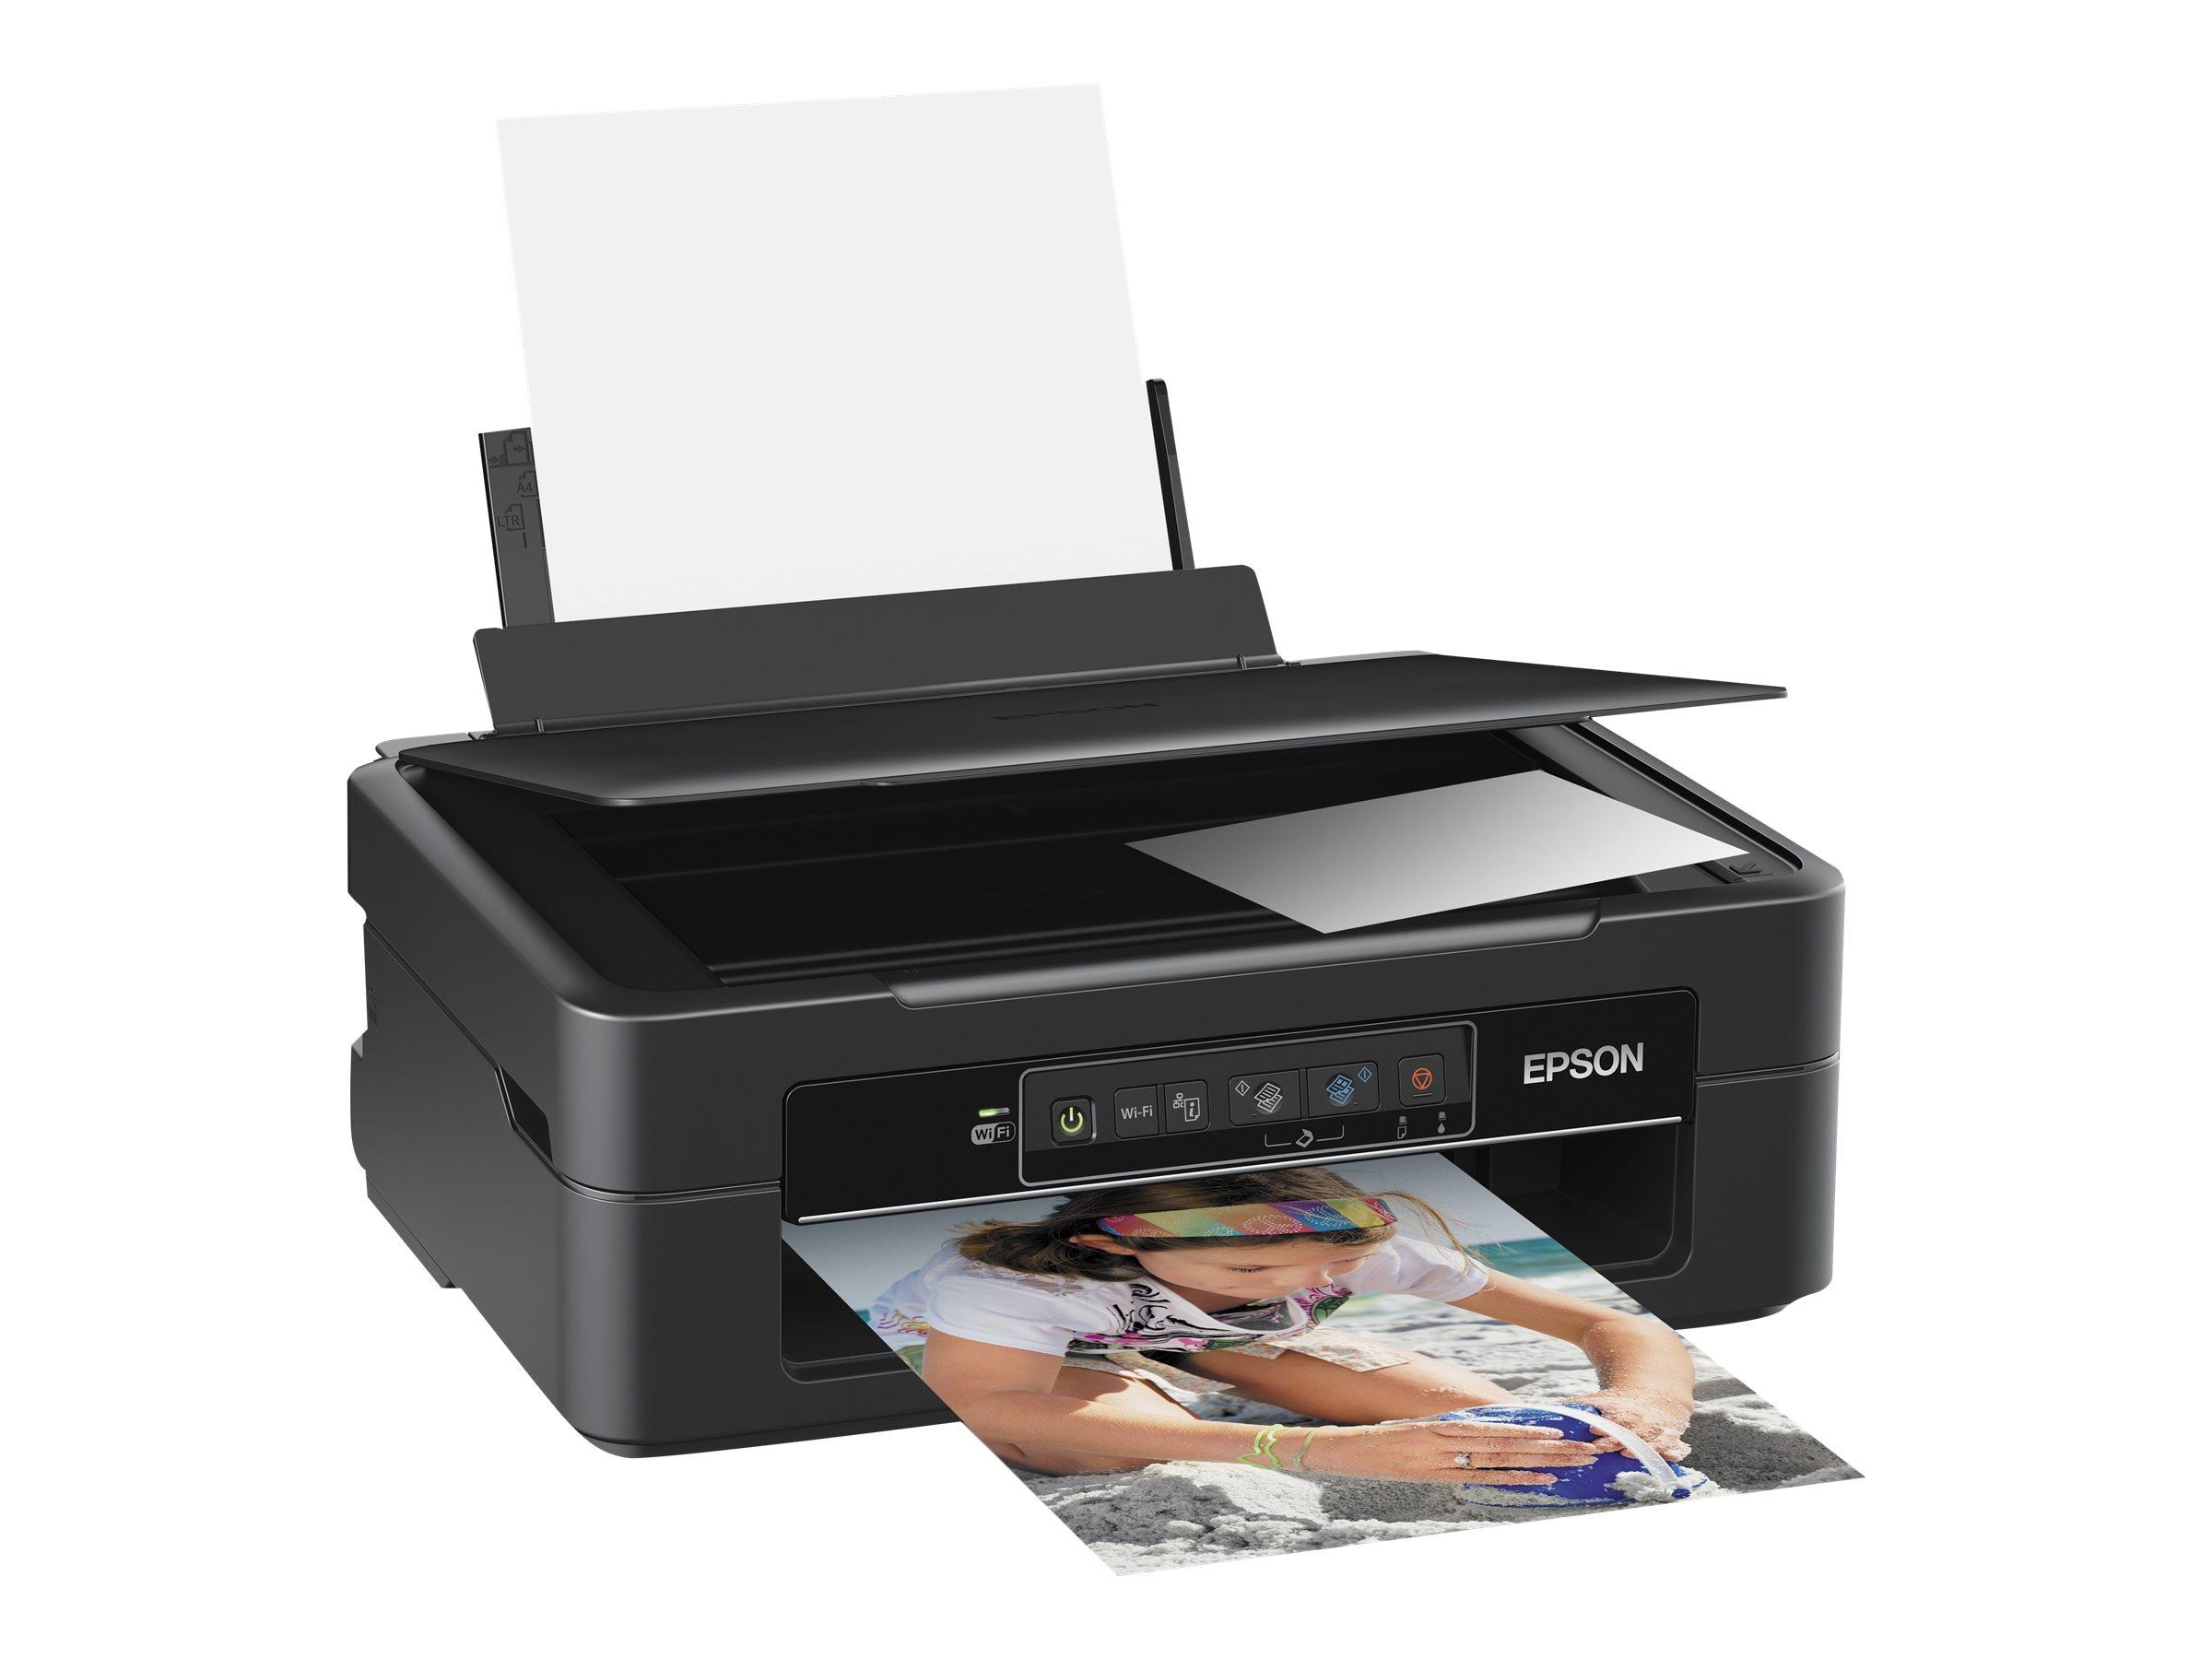 epson expression home xp 235 imprimante multifonctions couleur imprimantes jet d 39 encre. Black Bedroom Furniture Sets. Home Design Ideas